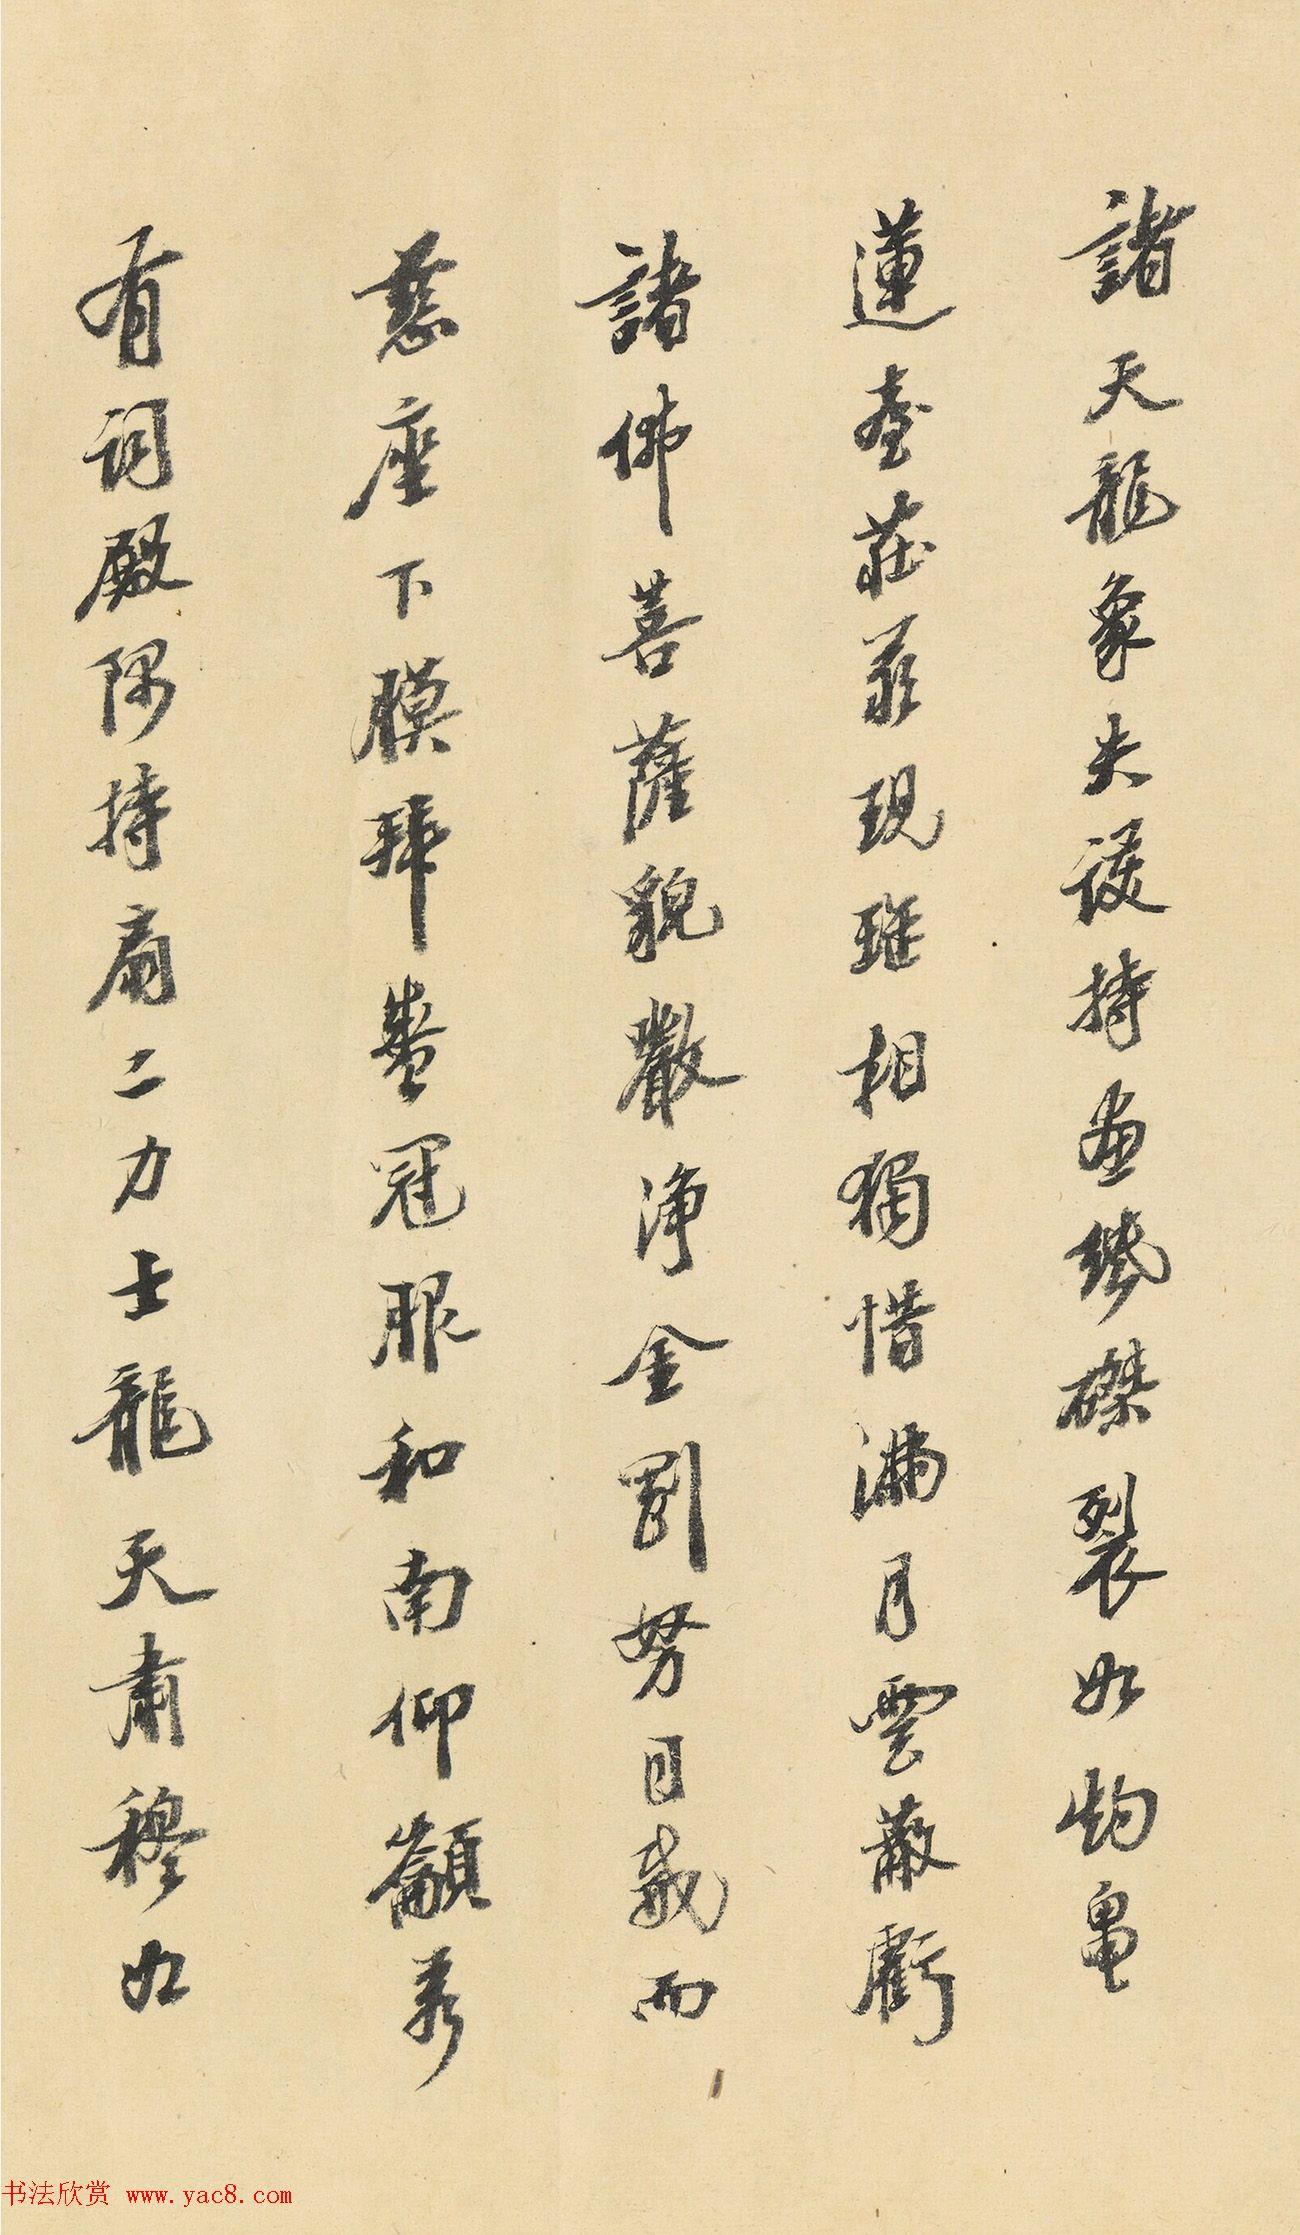 樊增祥行书《右释迦牟尼佛会图歌》